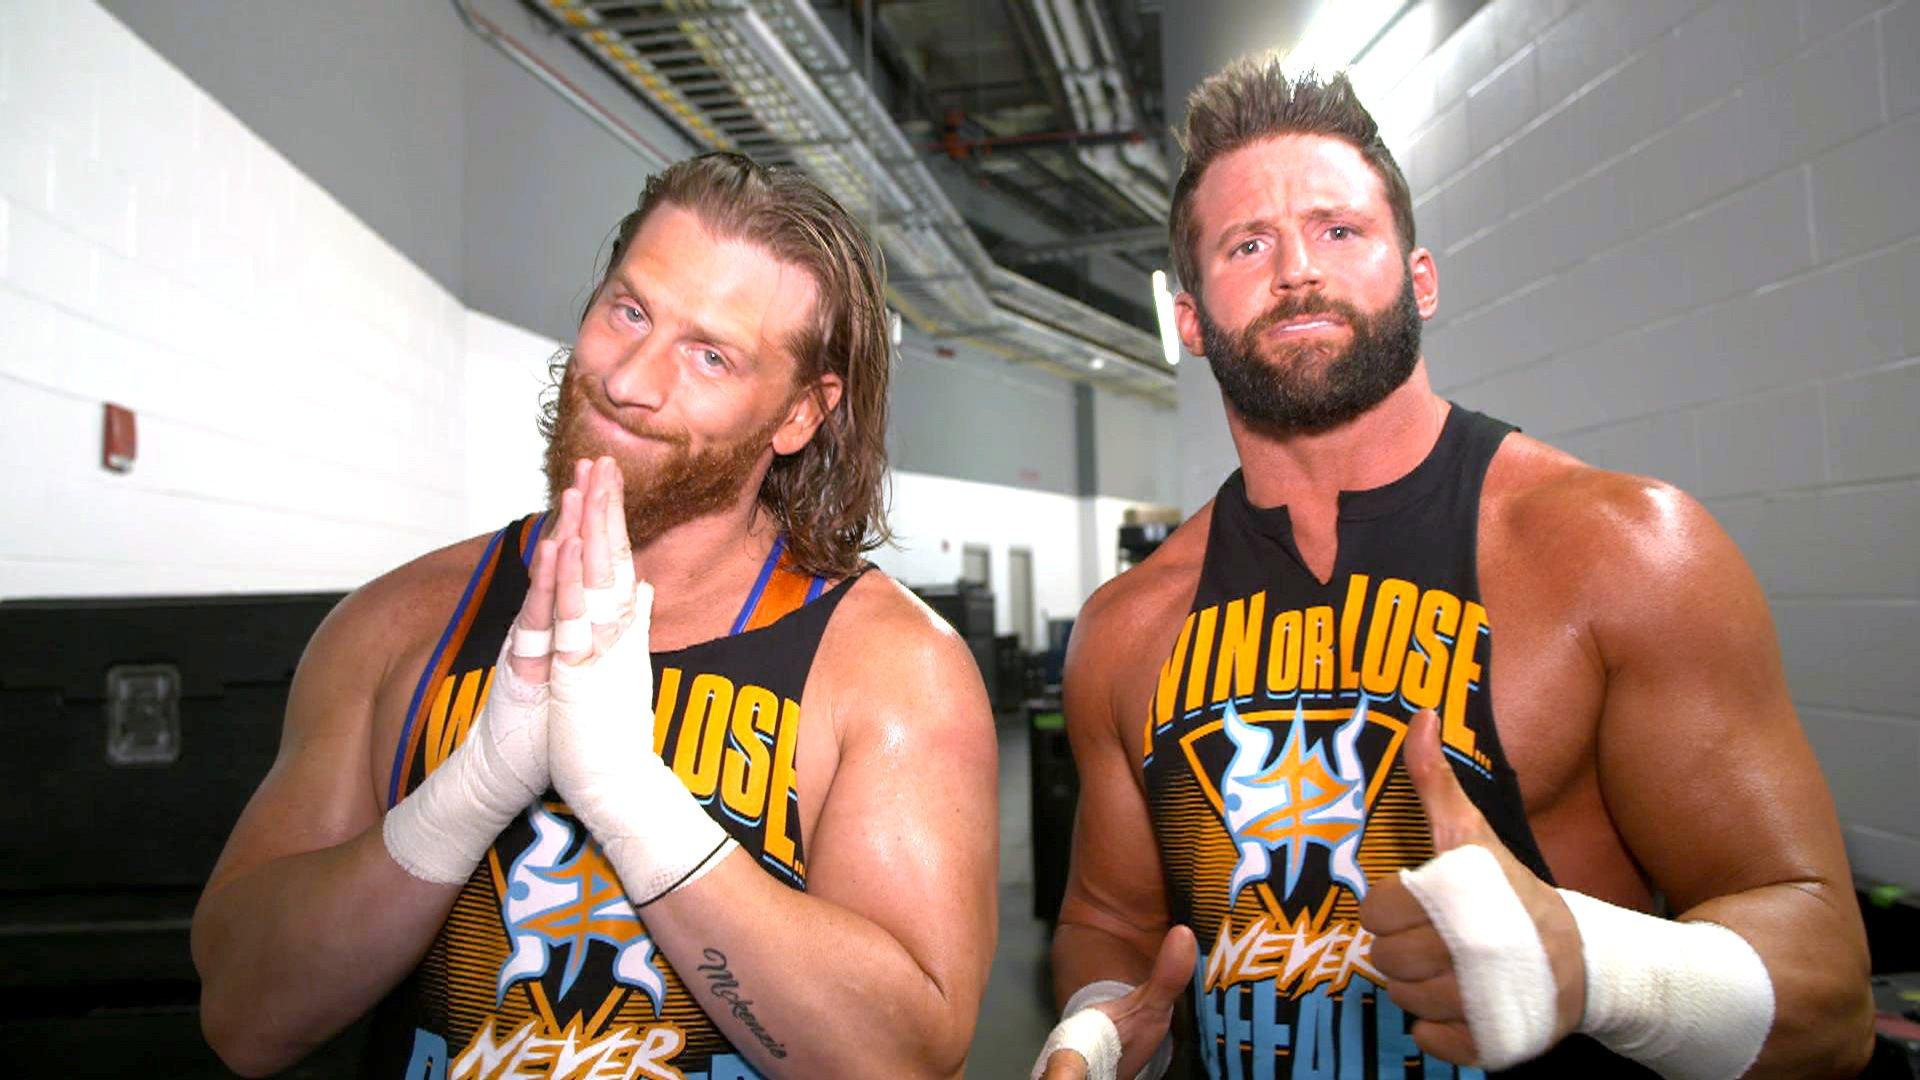 Exclusivités Raw: 8 Juillet 2019